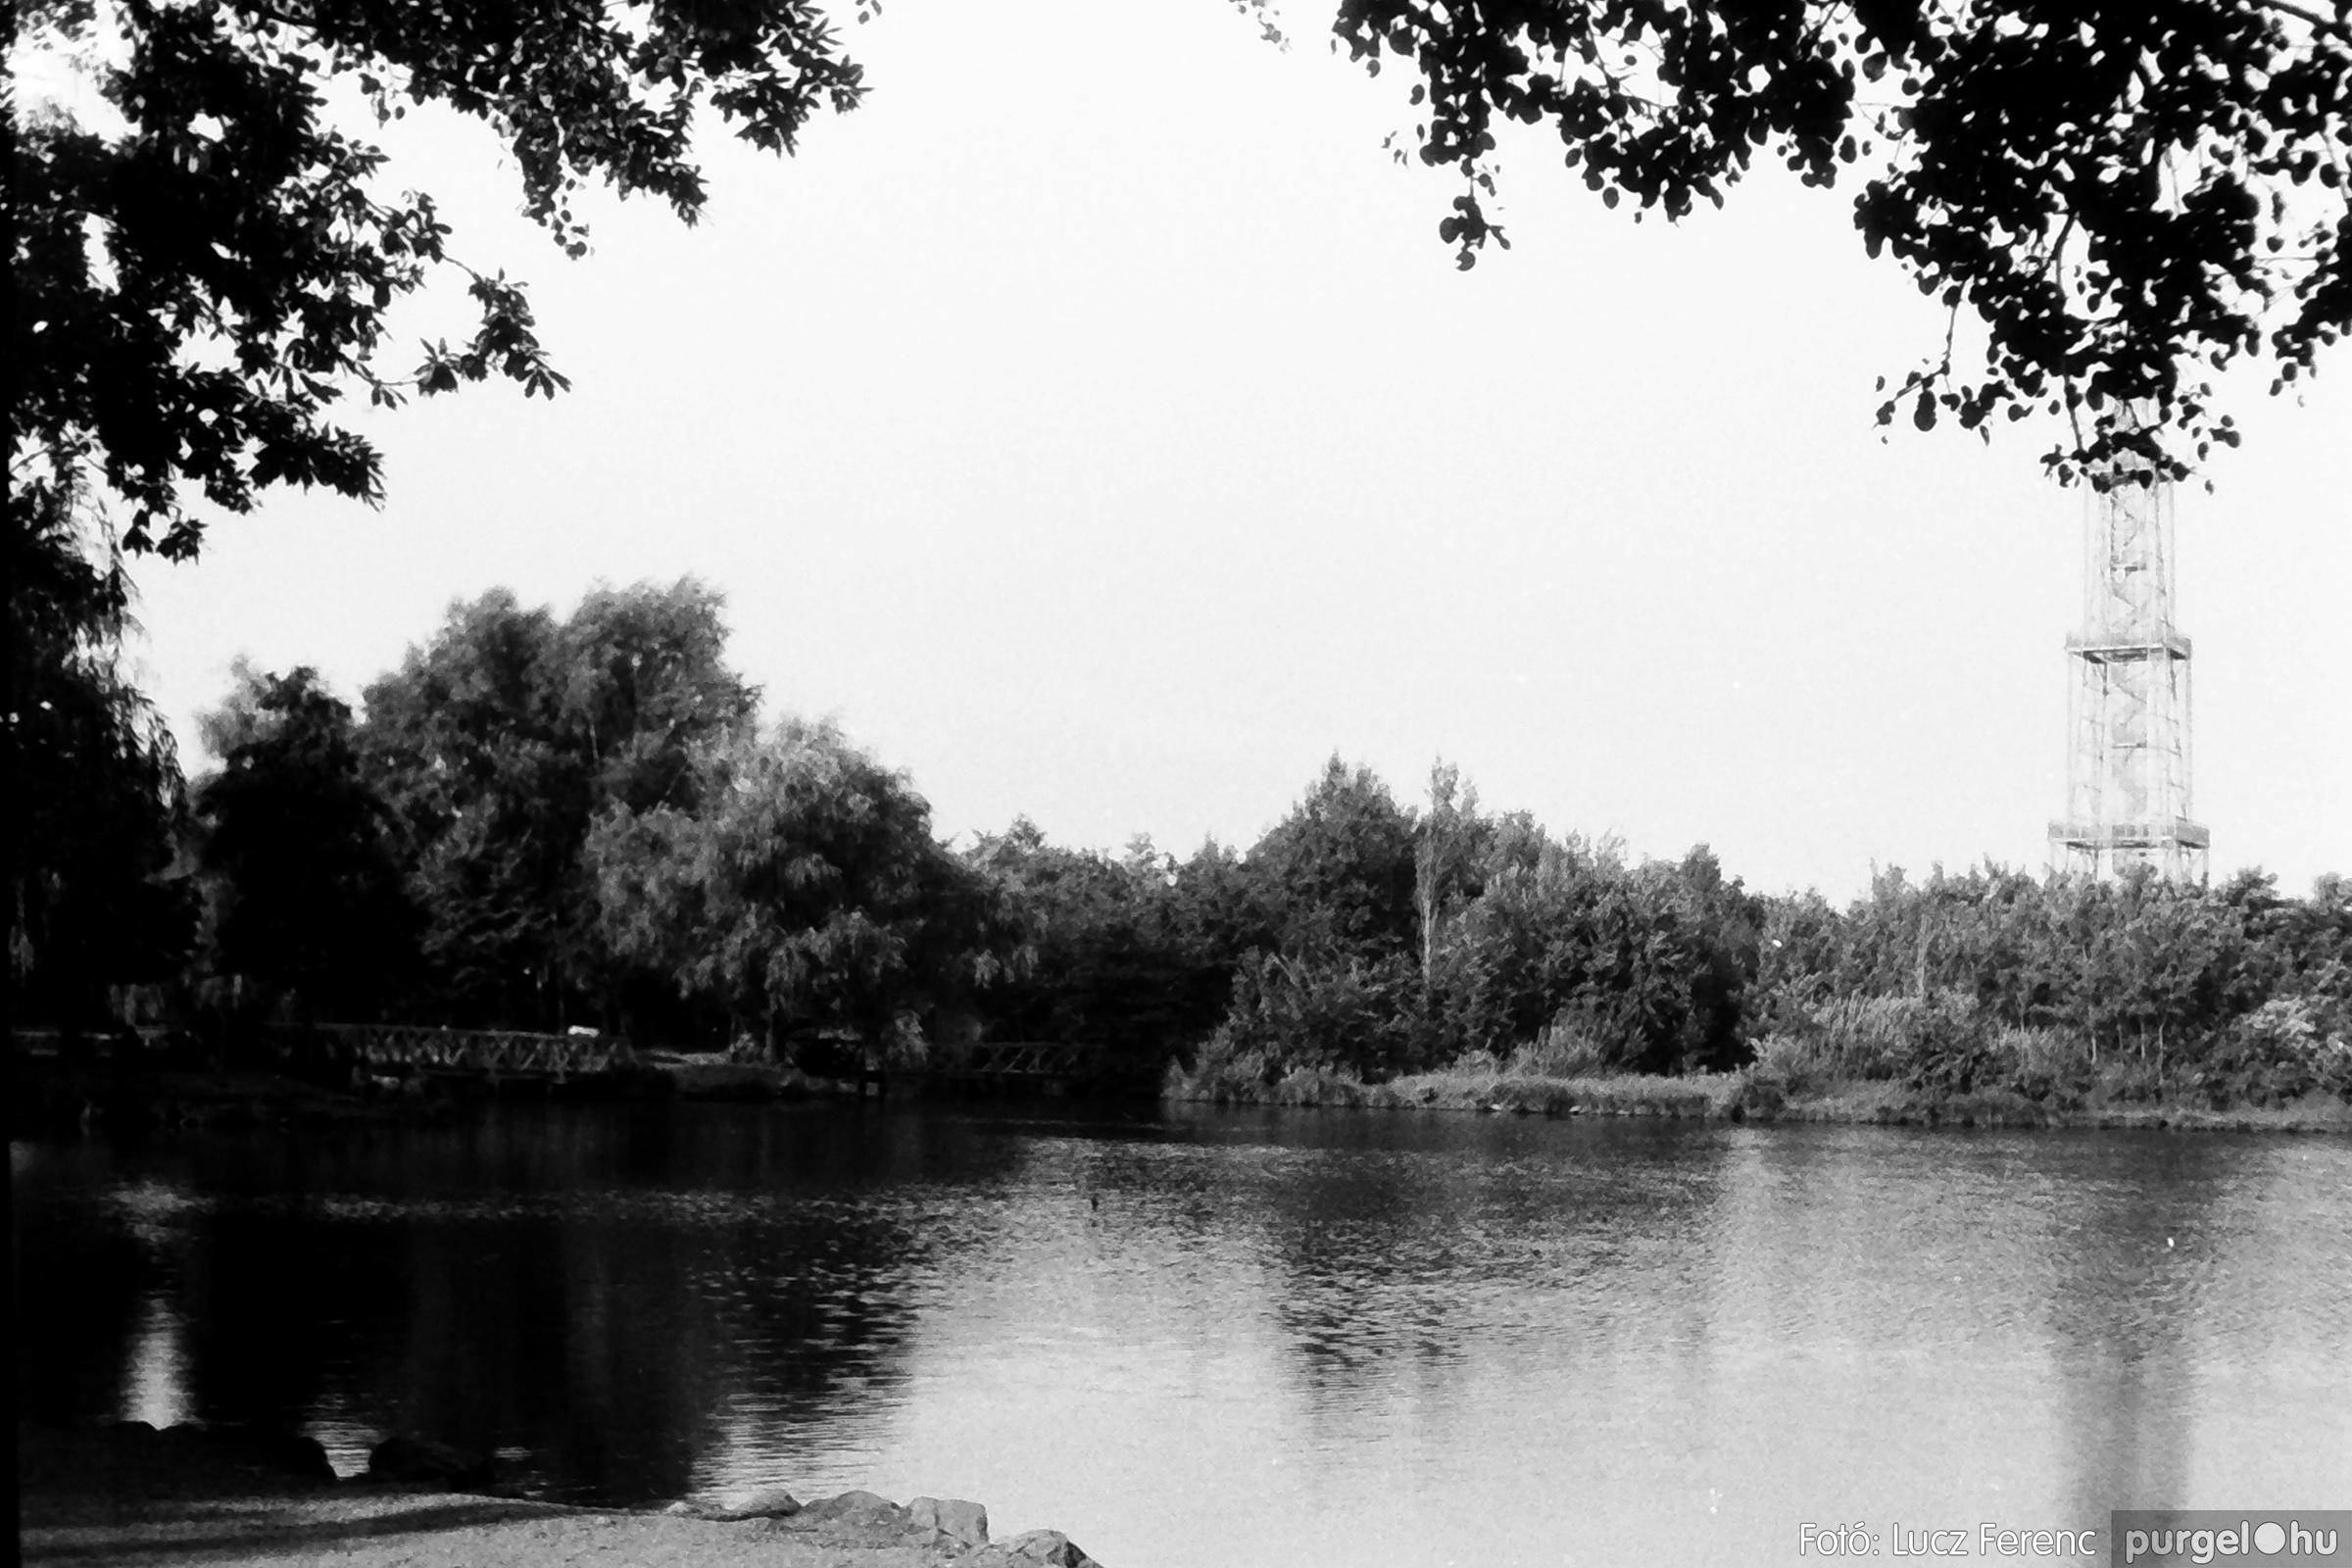 086, 088. 1977. Nyári tábor a Mátrában 068. - Fotó: Lucz Ferenc.jpg